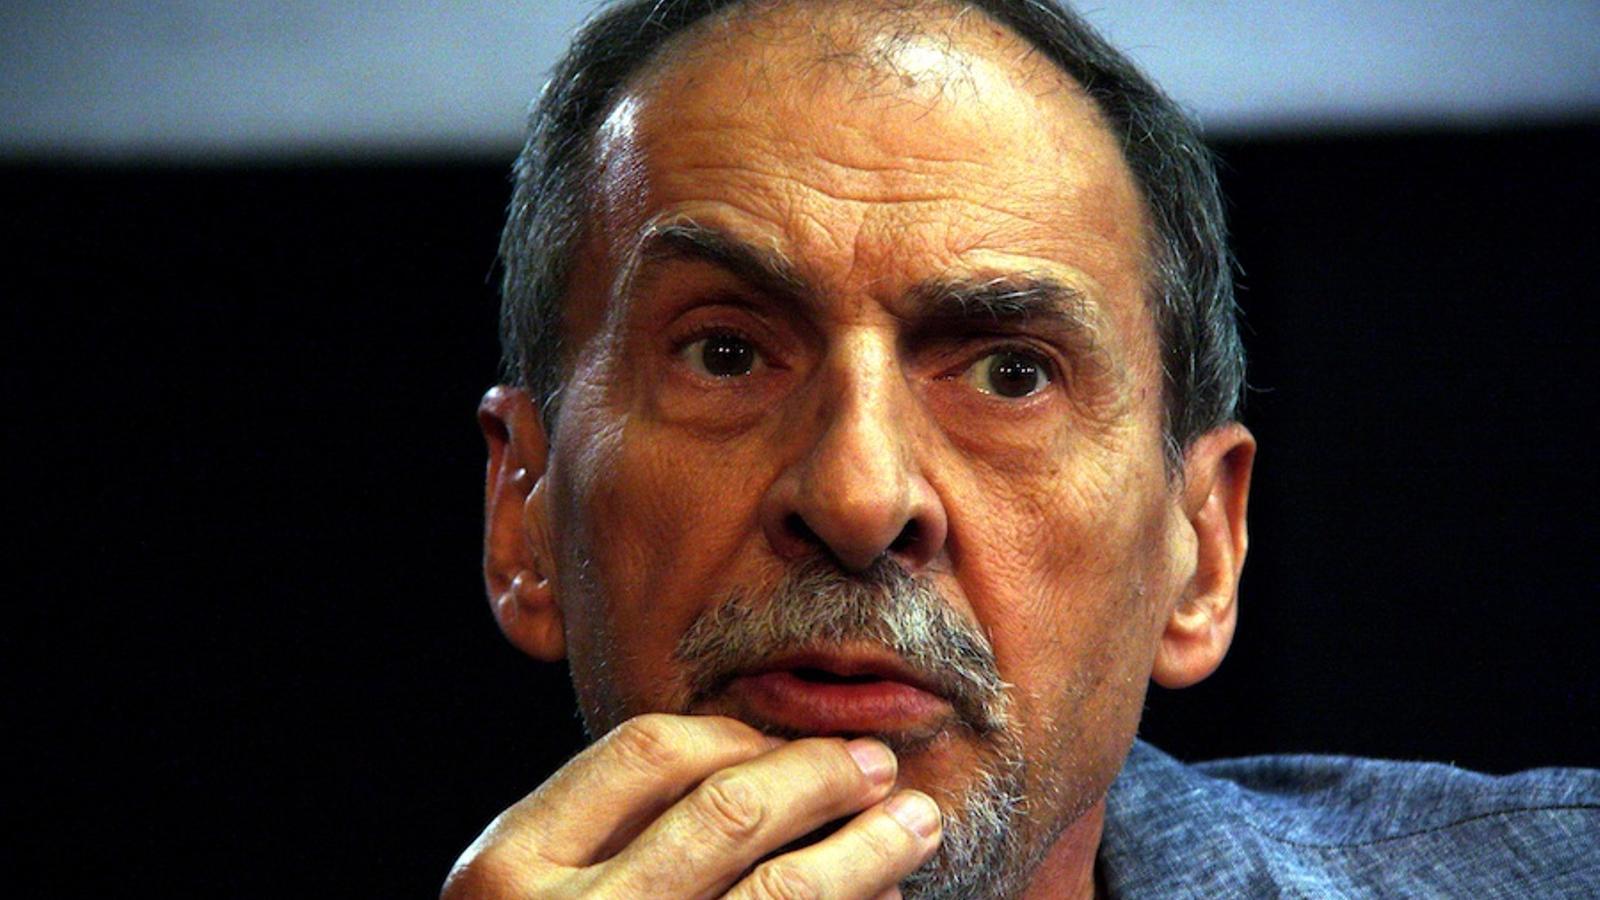 El guionista i dramaturg Josep Maria Benet i Jornet